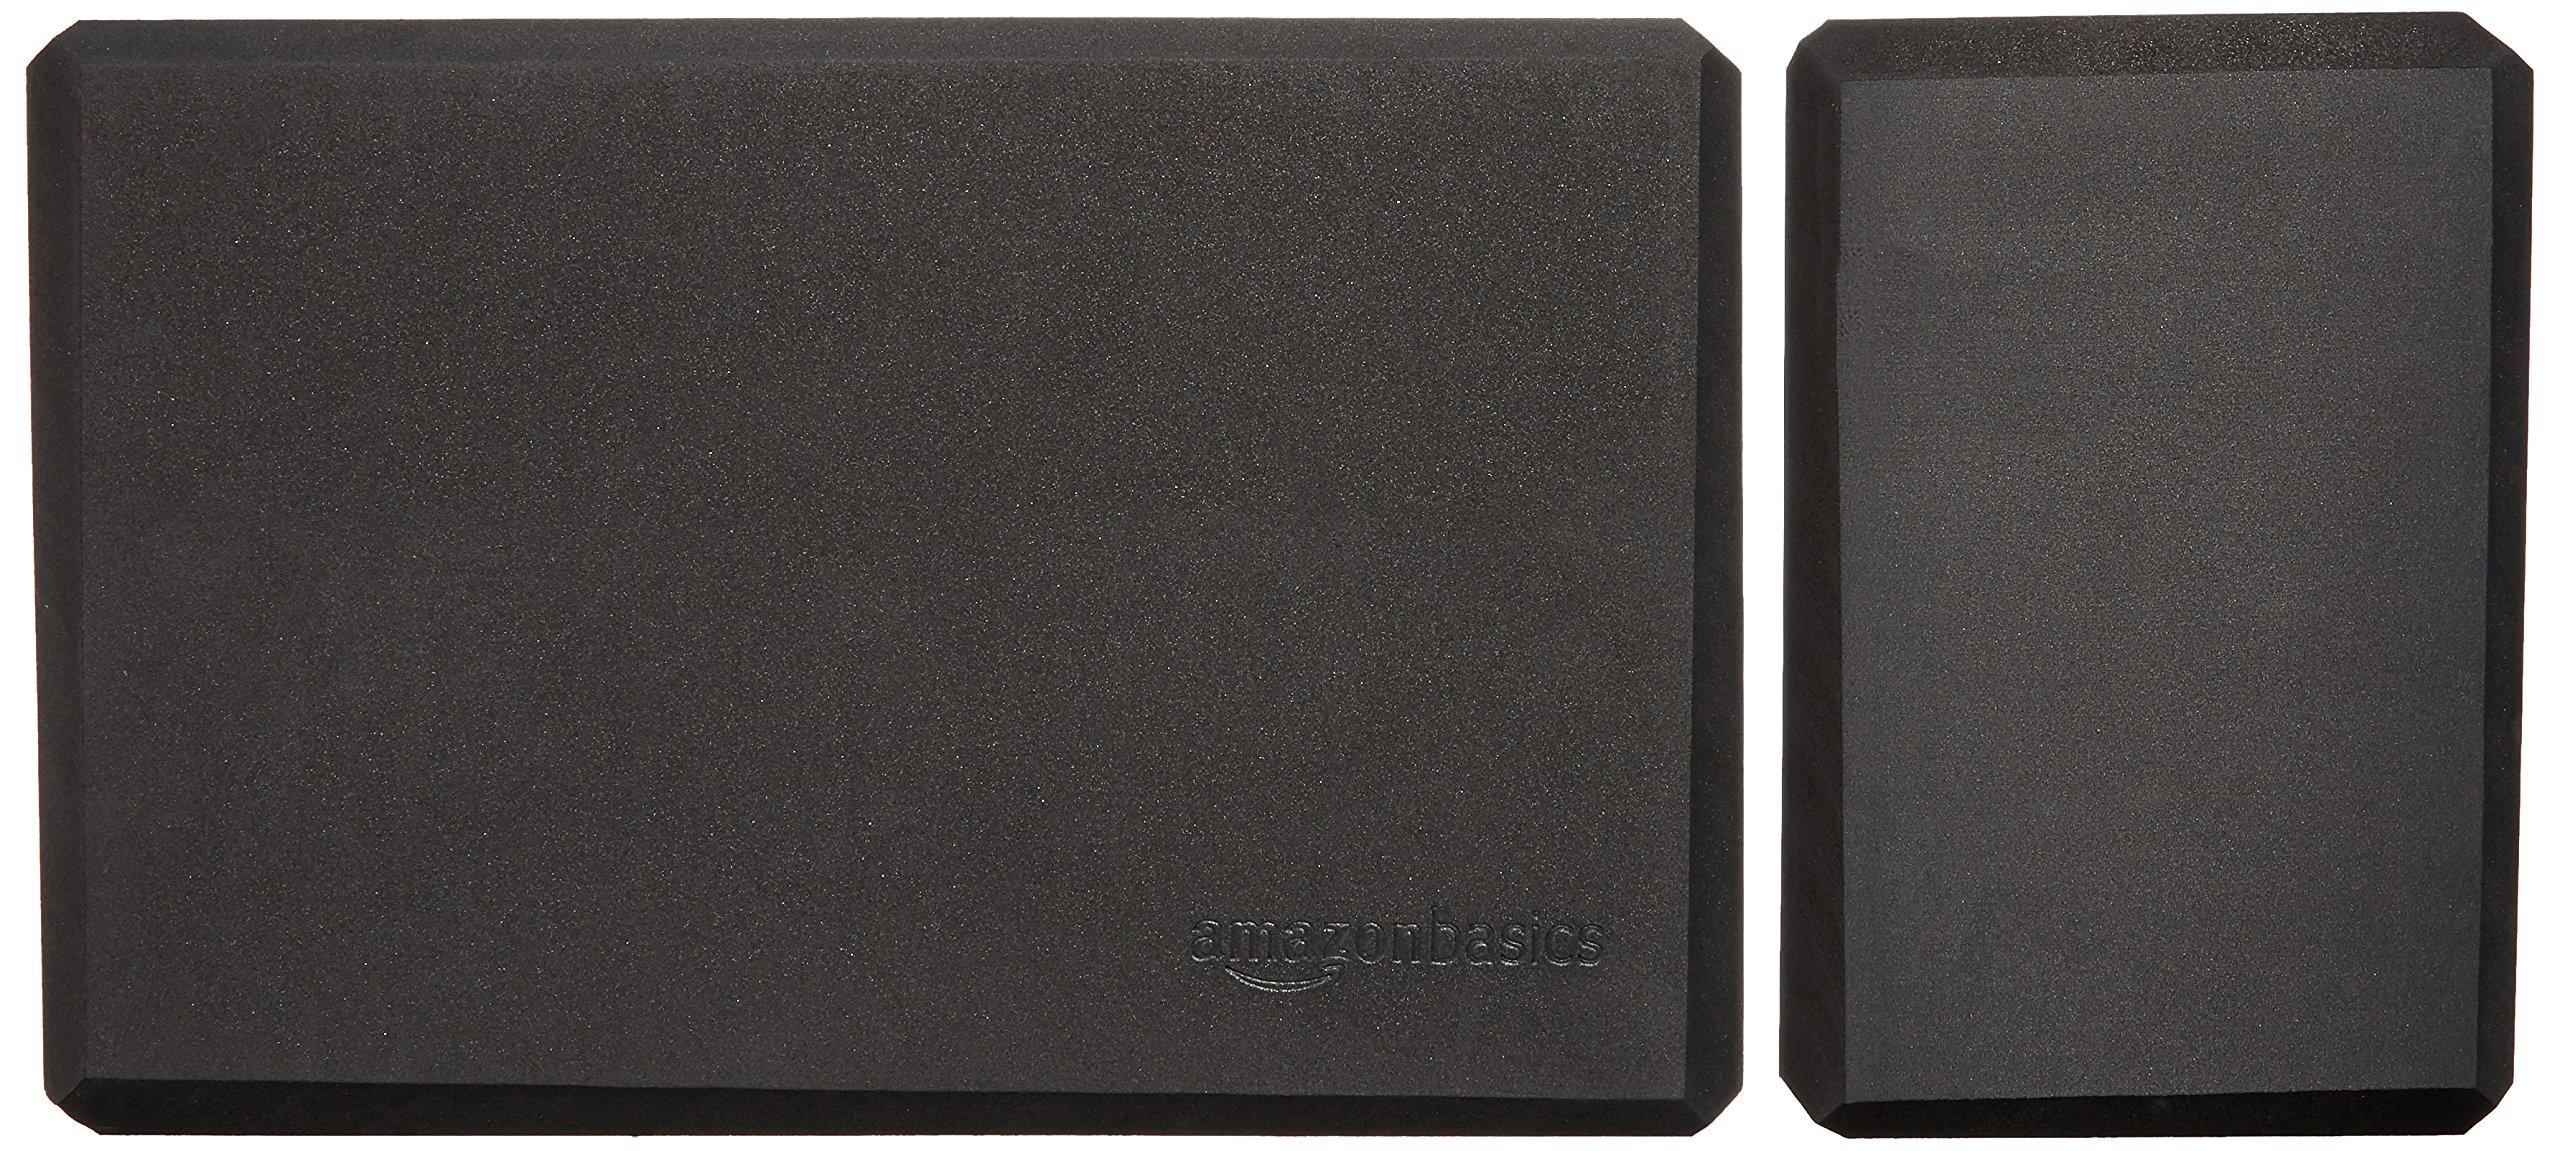 AmazonBasics Foam Yoga Blocks - 4 x 9 x 6 Inches, Set of 2, Black by AmazonBasics (Image #6)